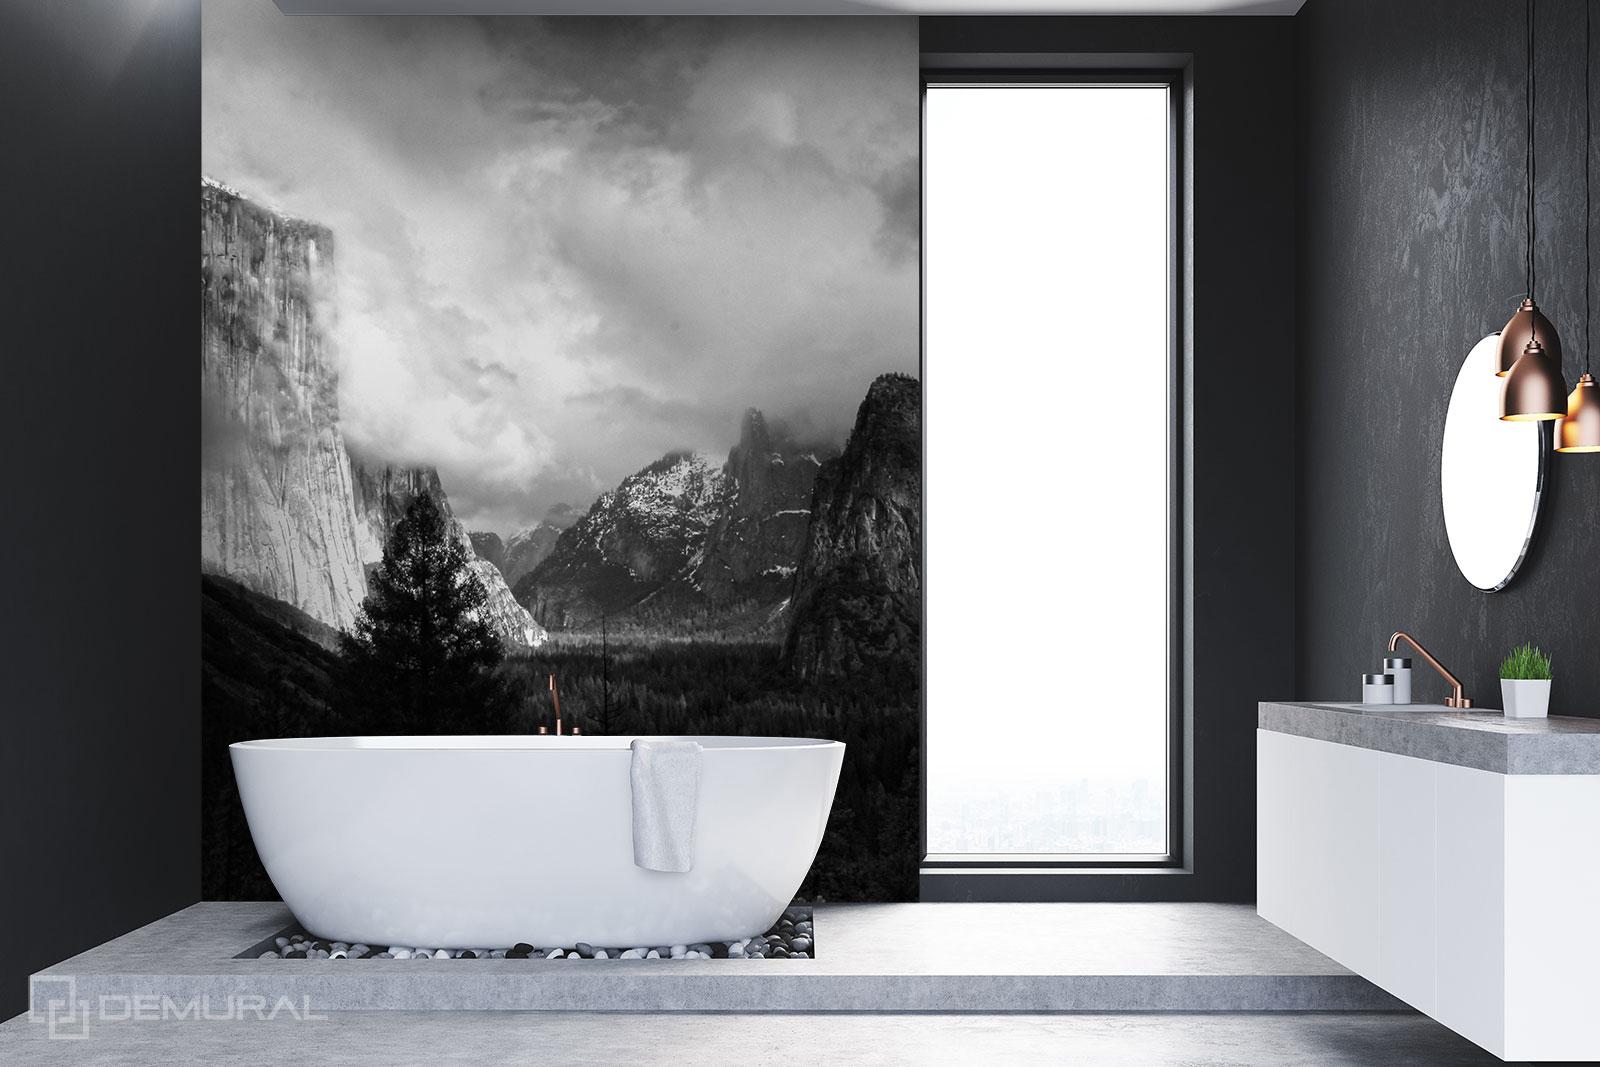 Fototapete  Panorama der Berge - Schwarzweißes Badezimmer - Demural